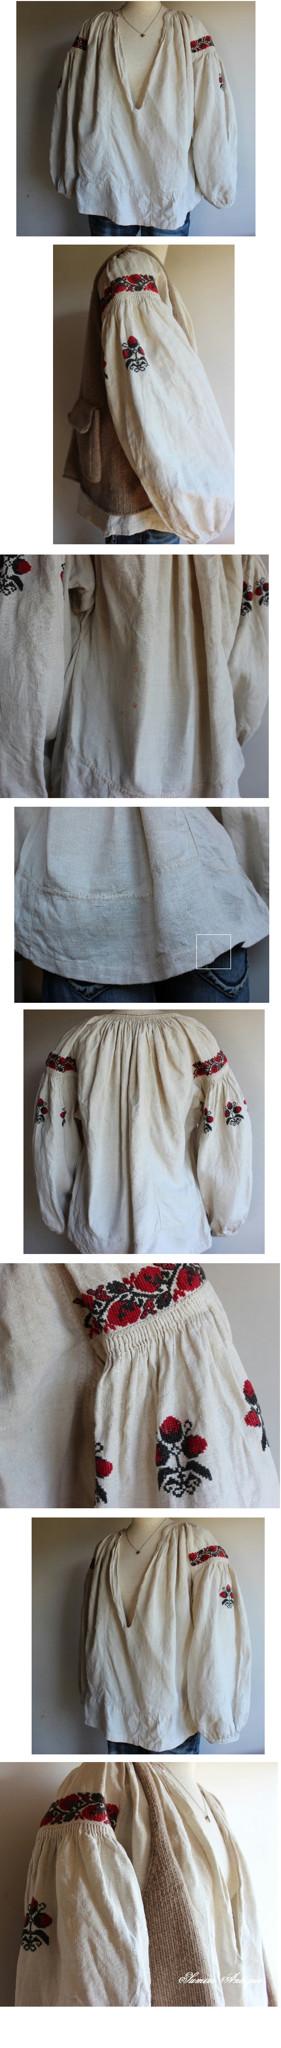 苺手刺繍ウクライナリネンブラウス